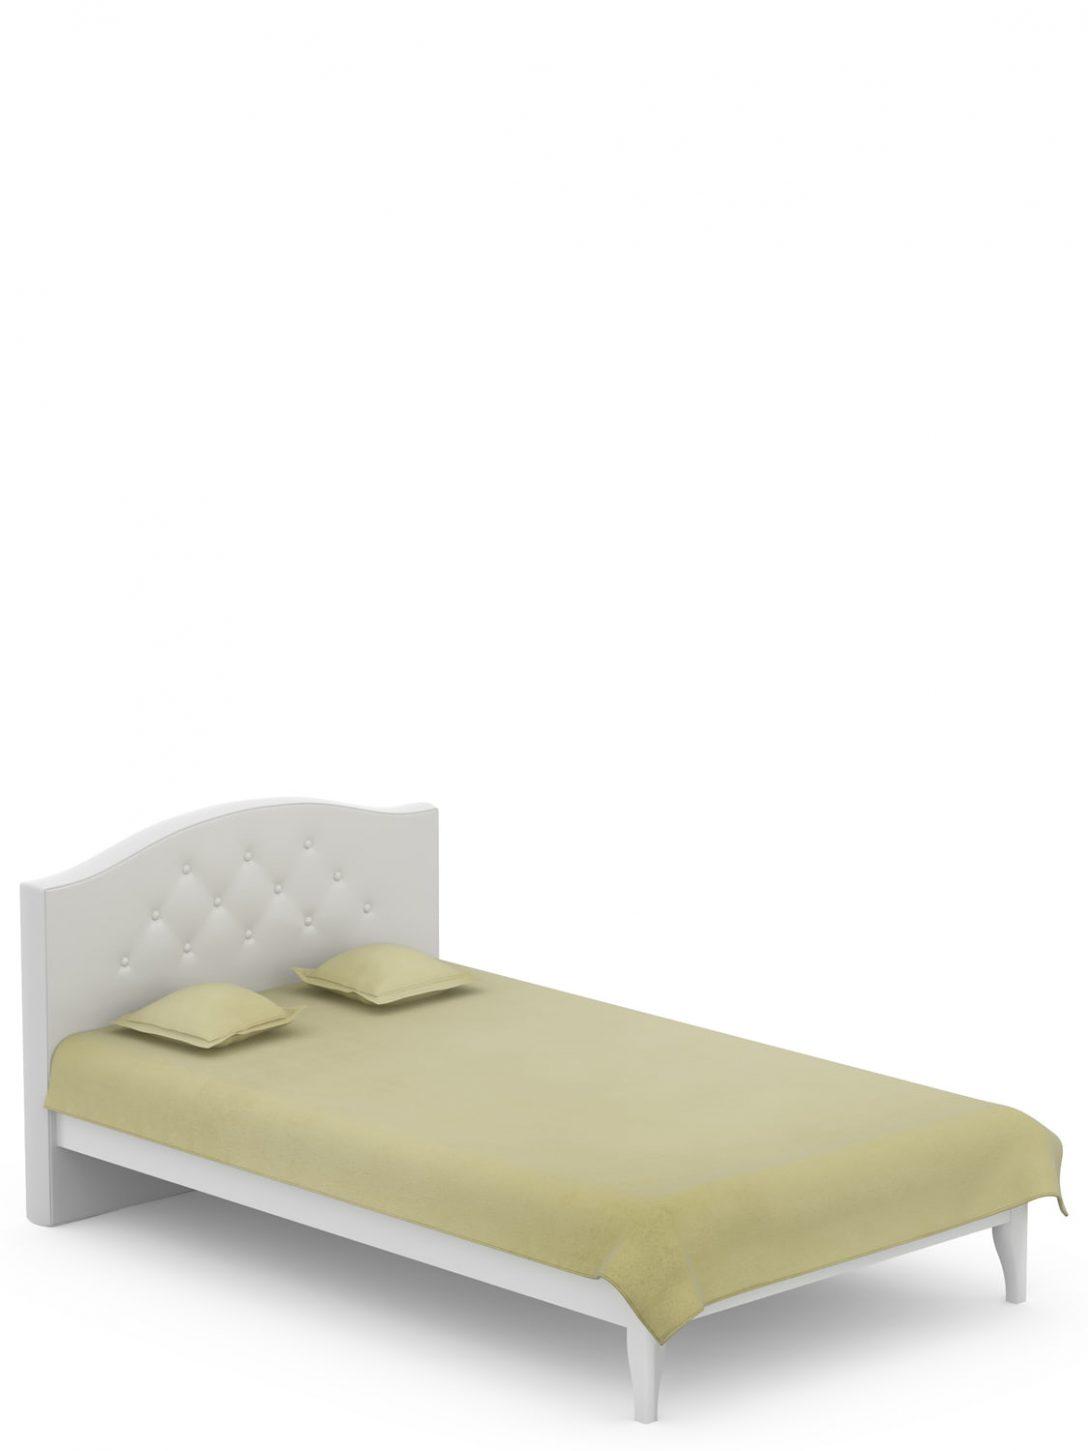 Large Size of 120 Bett 200 Simple Grey Vibe Meblik Tempur Betten Landhausstil Balken Erhöhtes Barock Für Teenager Mit Gästebett Bambus überlänge Flexa Eiche Wohnwert Bett 120 Bett